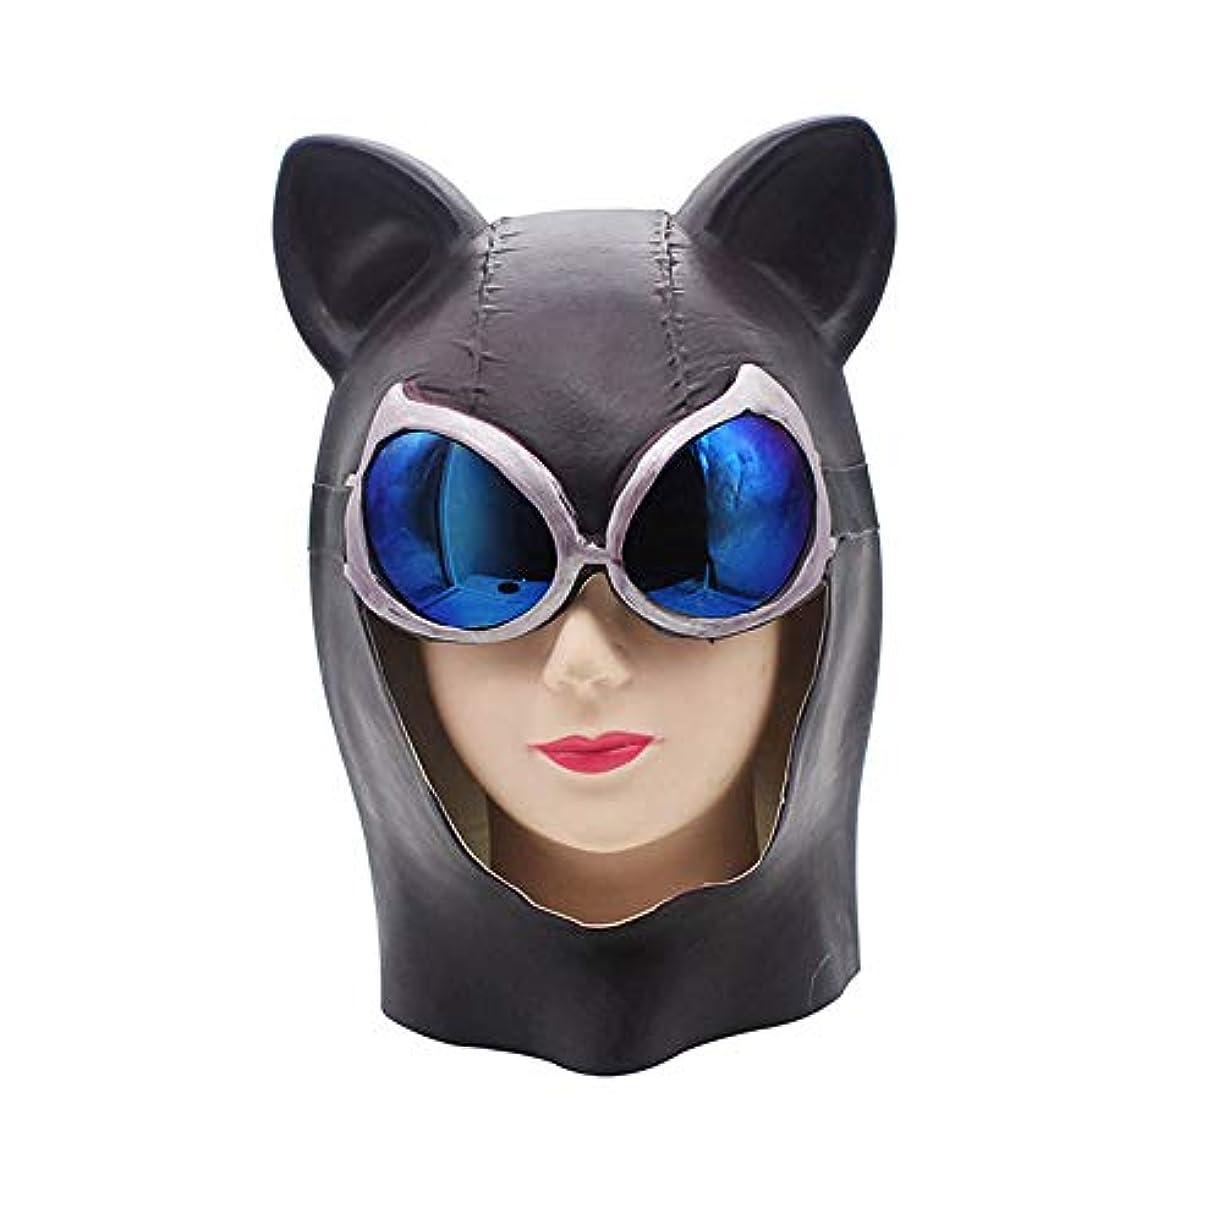 囲い寸法息を切らしてハロウィンホラーマスクセクシーな猫女性の顔ホーンホーンフォックスマスクビデオバットマンヘッドギア猫のフェイスマスク